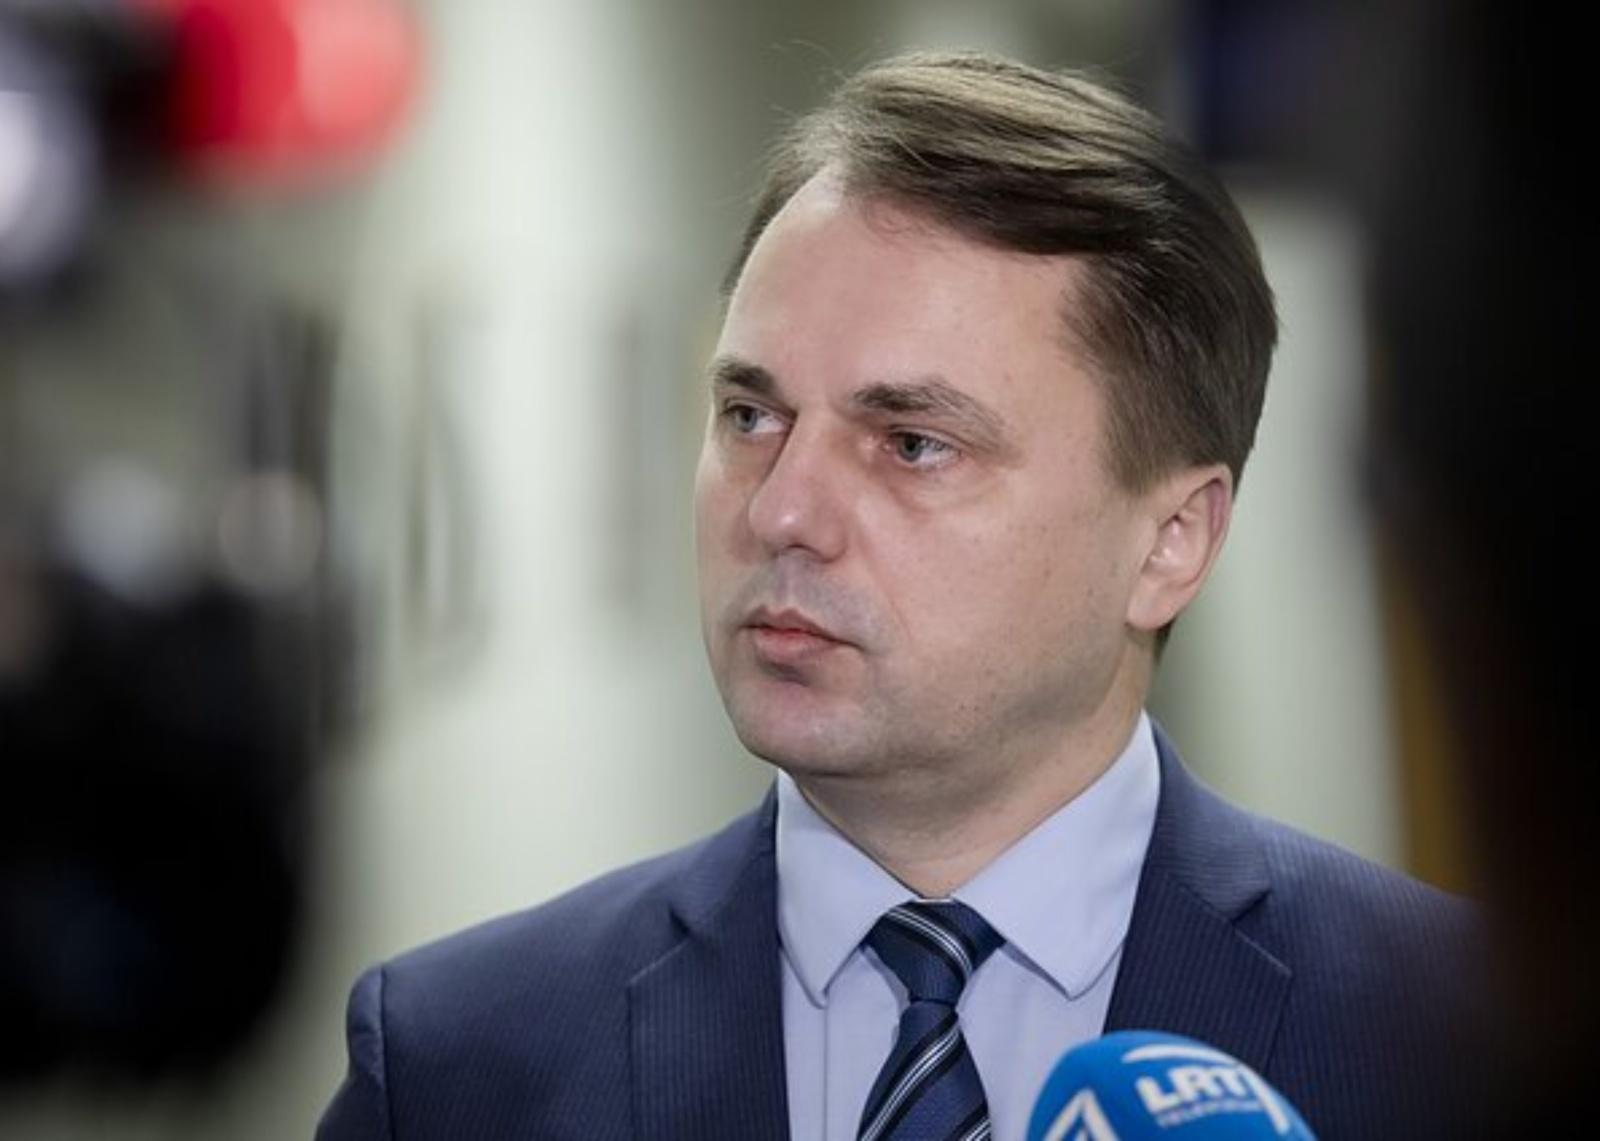 Aplinkos apsaugos departamento vadovui V. Laukiui ministras siūlo trauktis į žemesnes pareigas